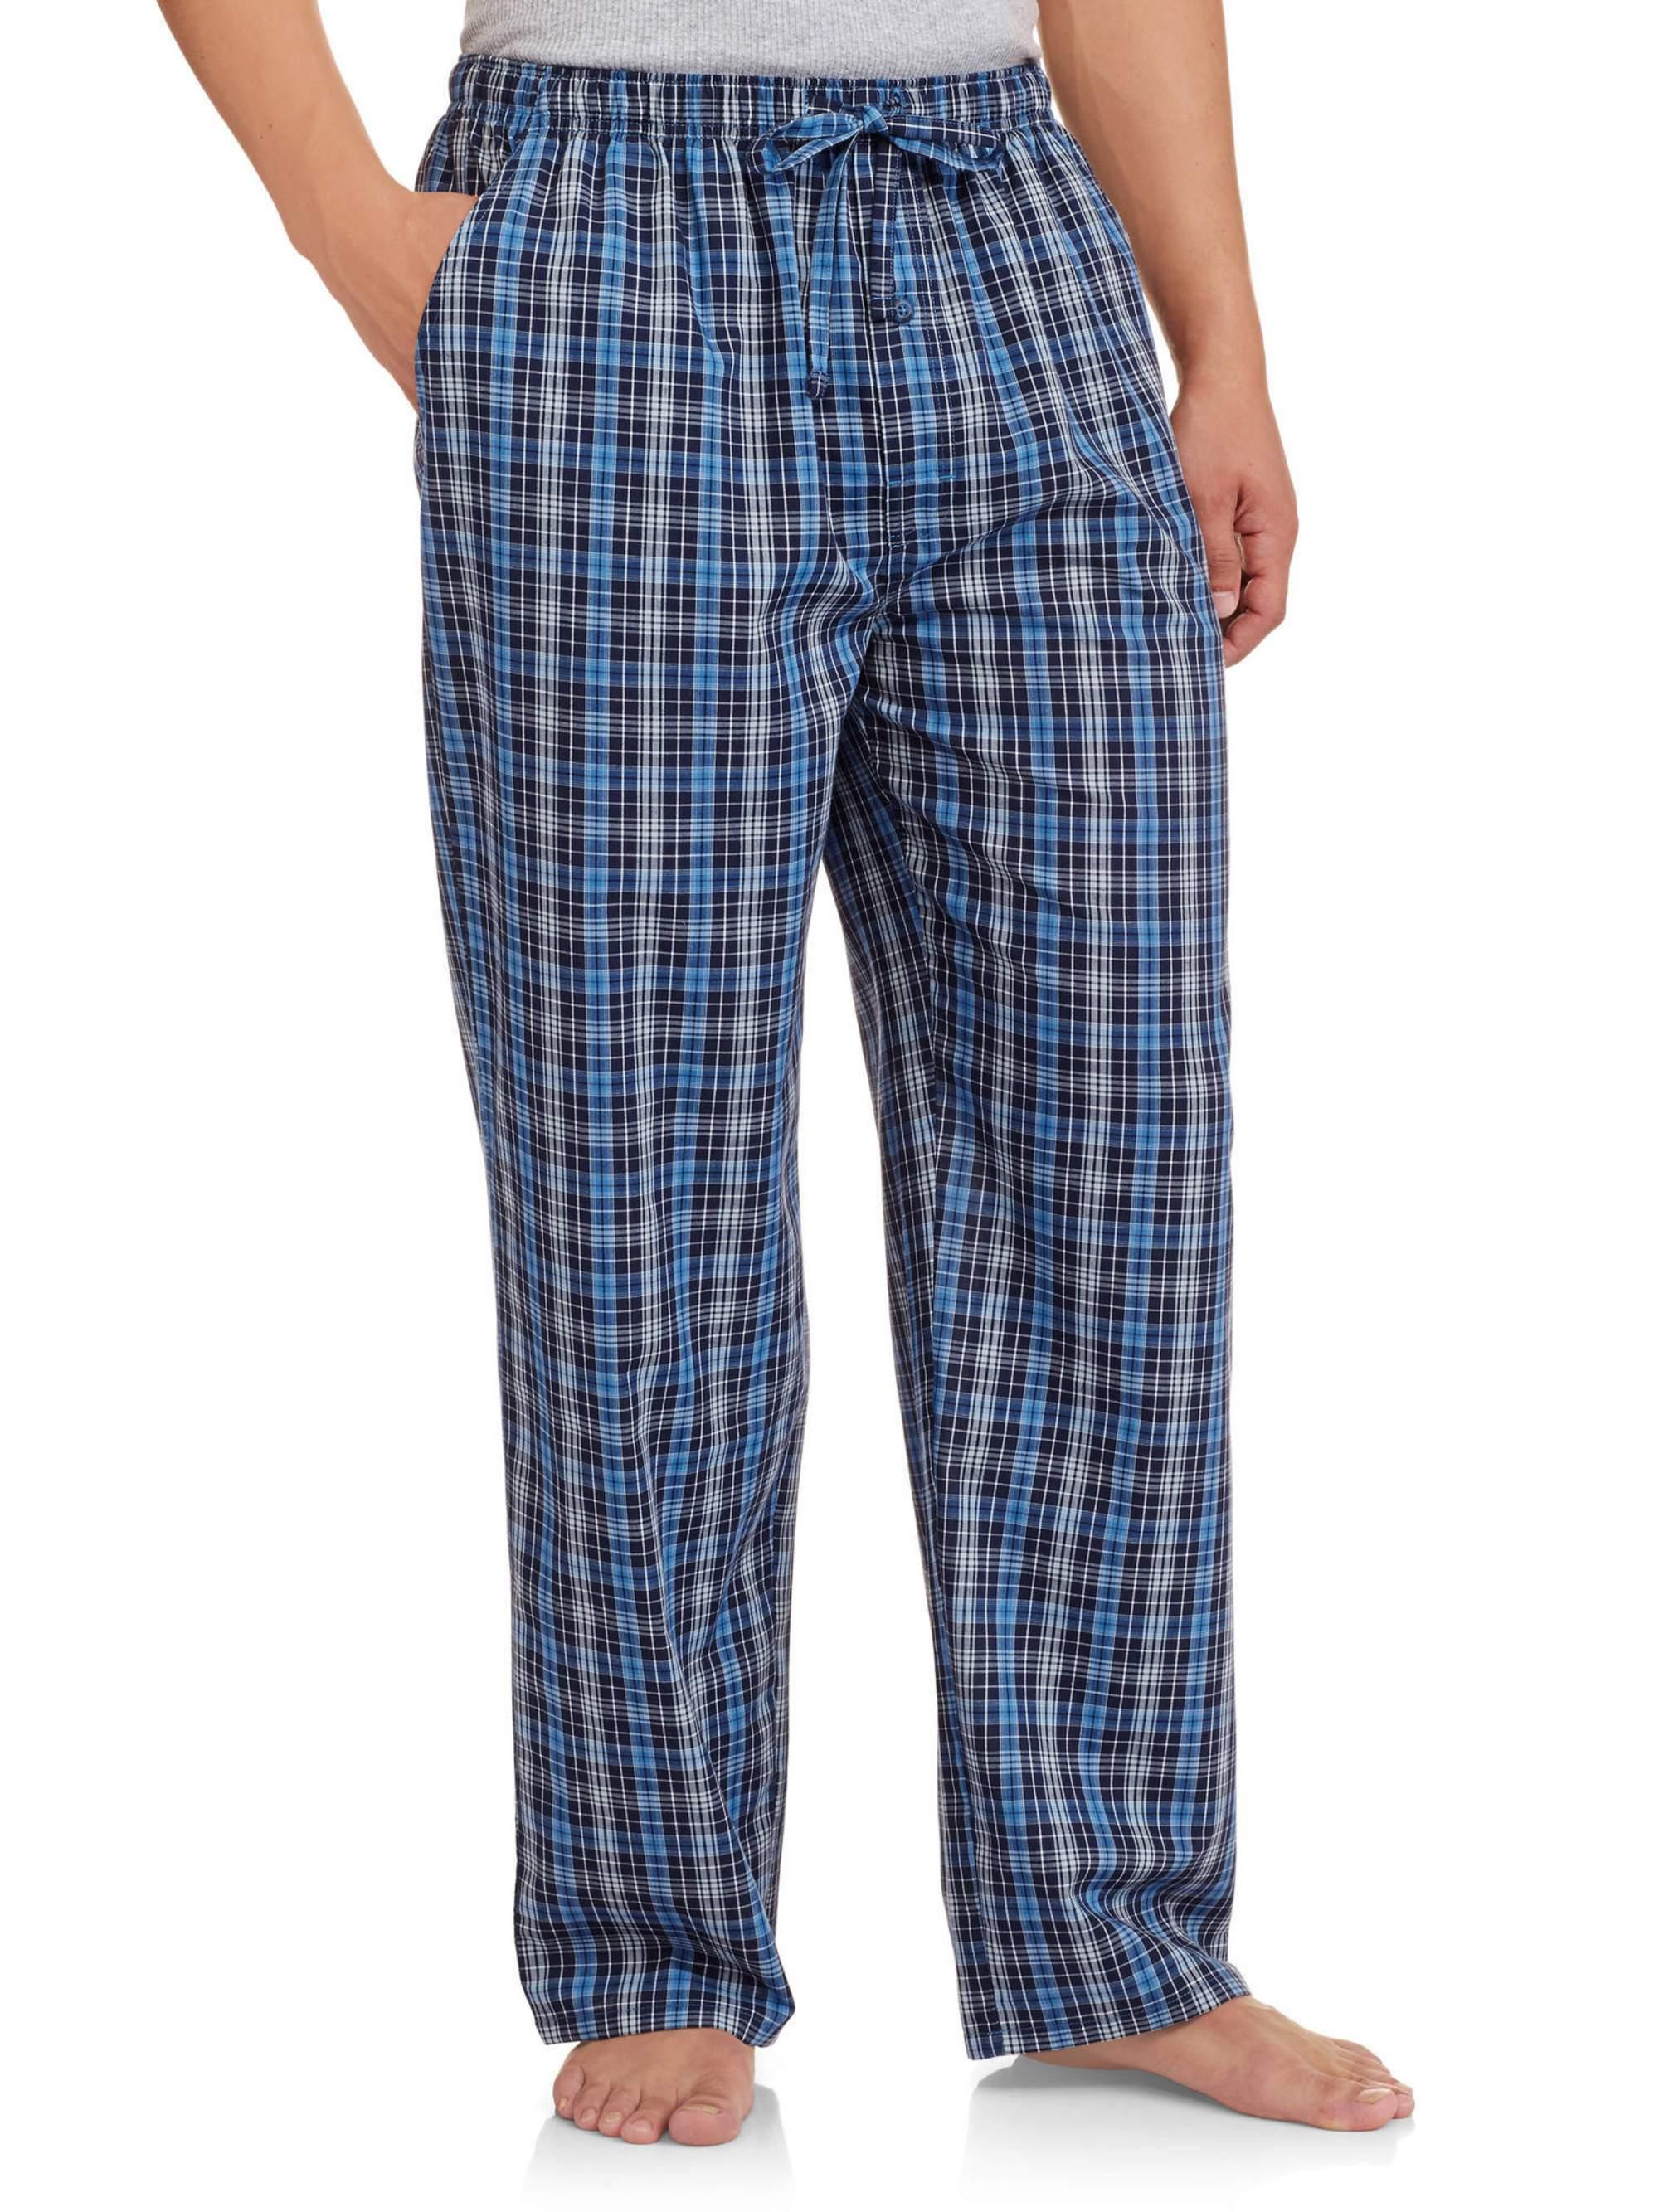 Big Men's Woven Sleep Pant